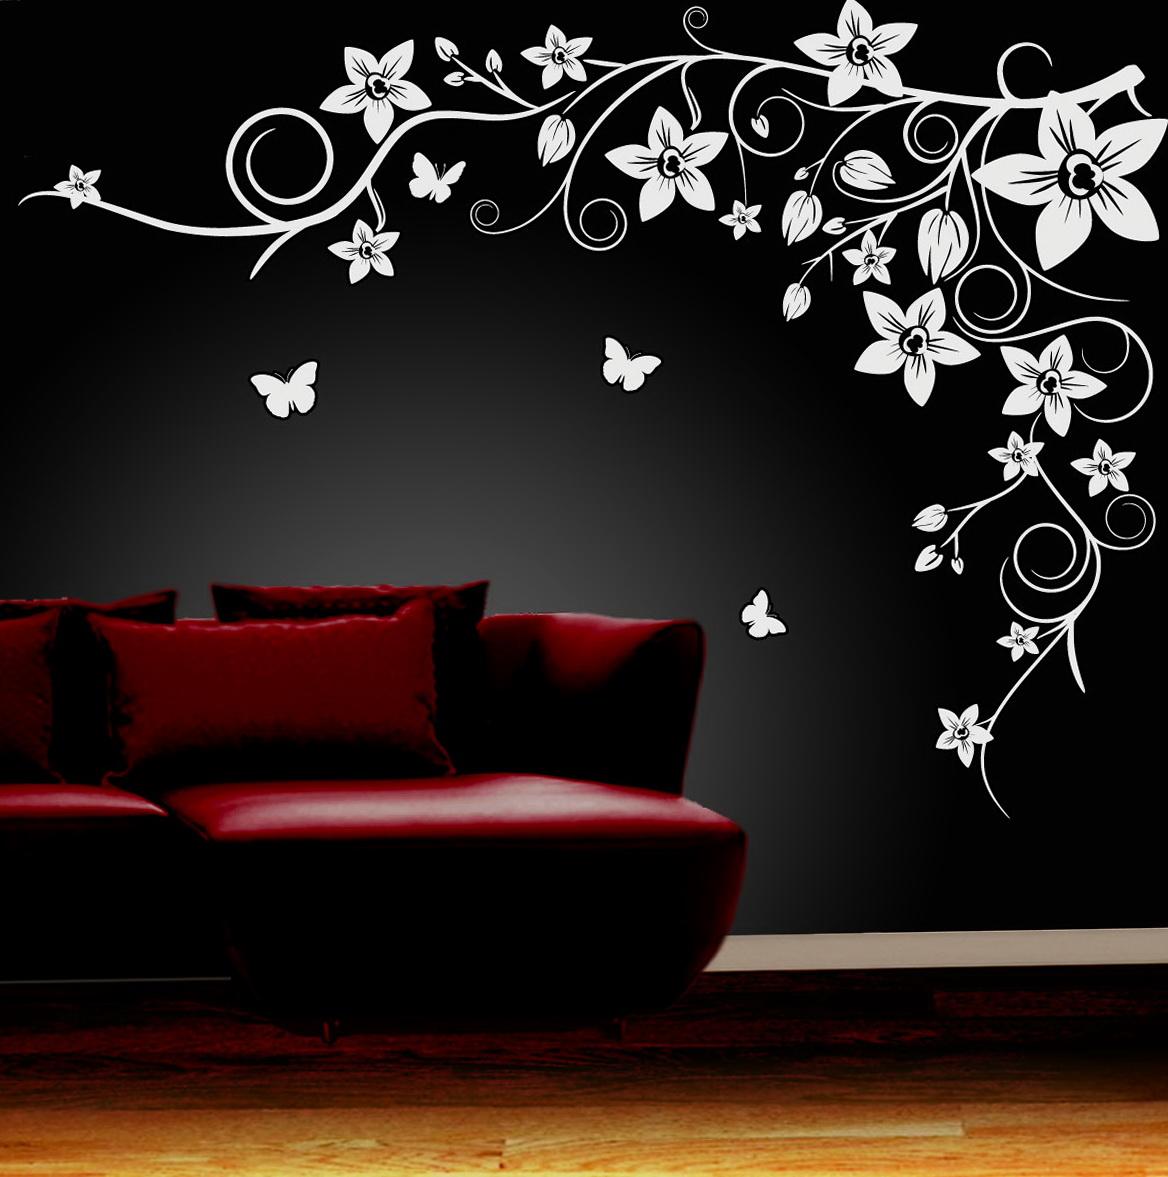 Flower Wall Art Decals